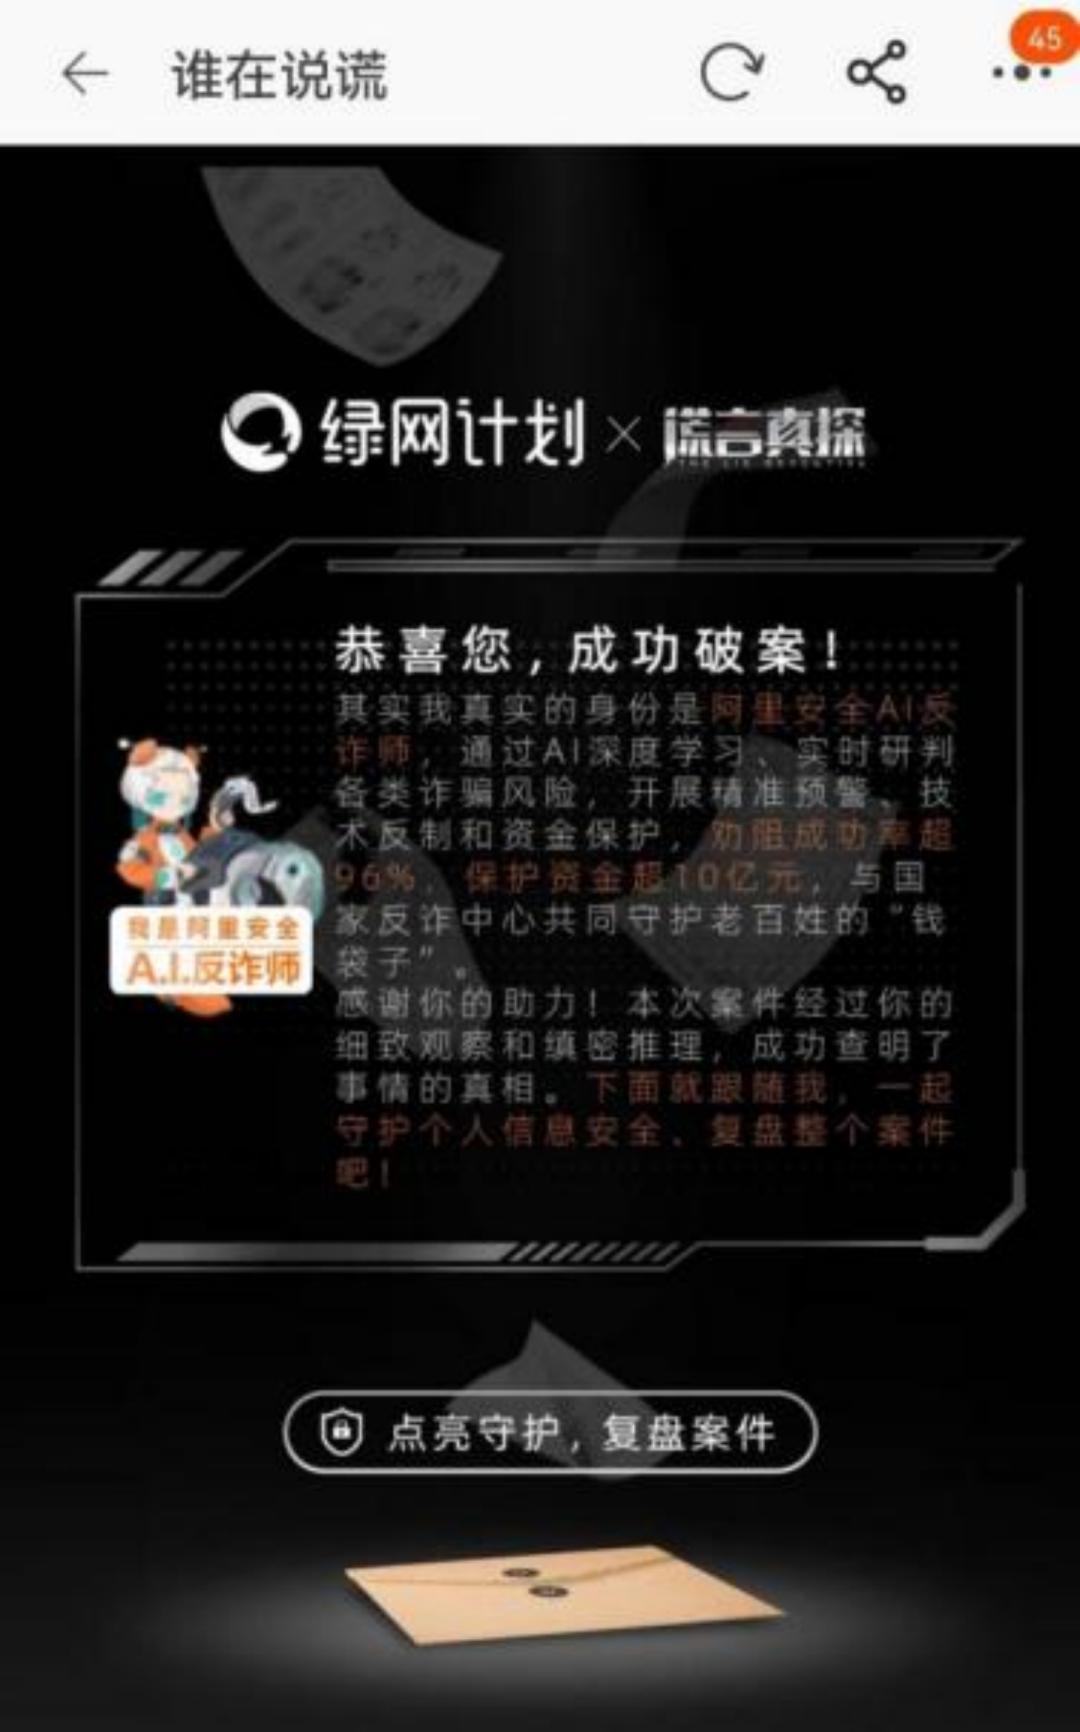 """超1亿人观看!全方位揭秘反诈App""""直播连麦式""""推广"""